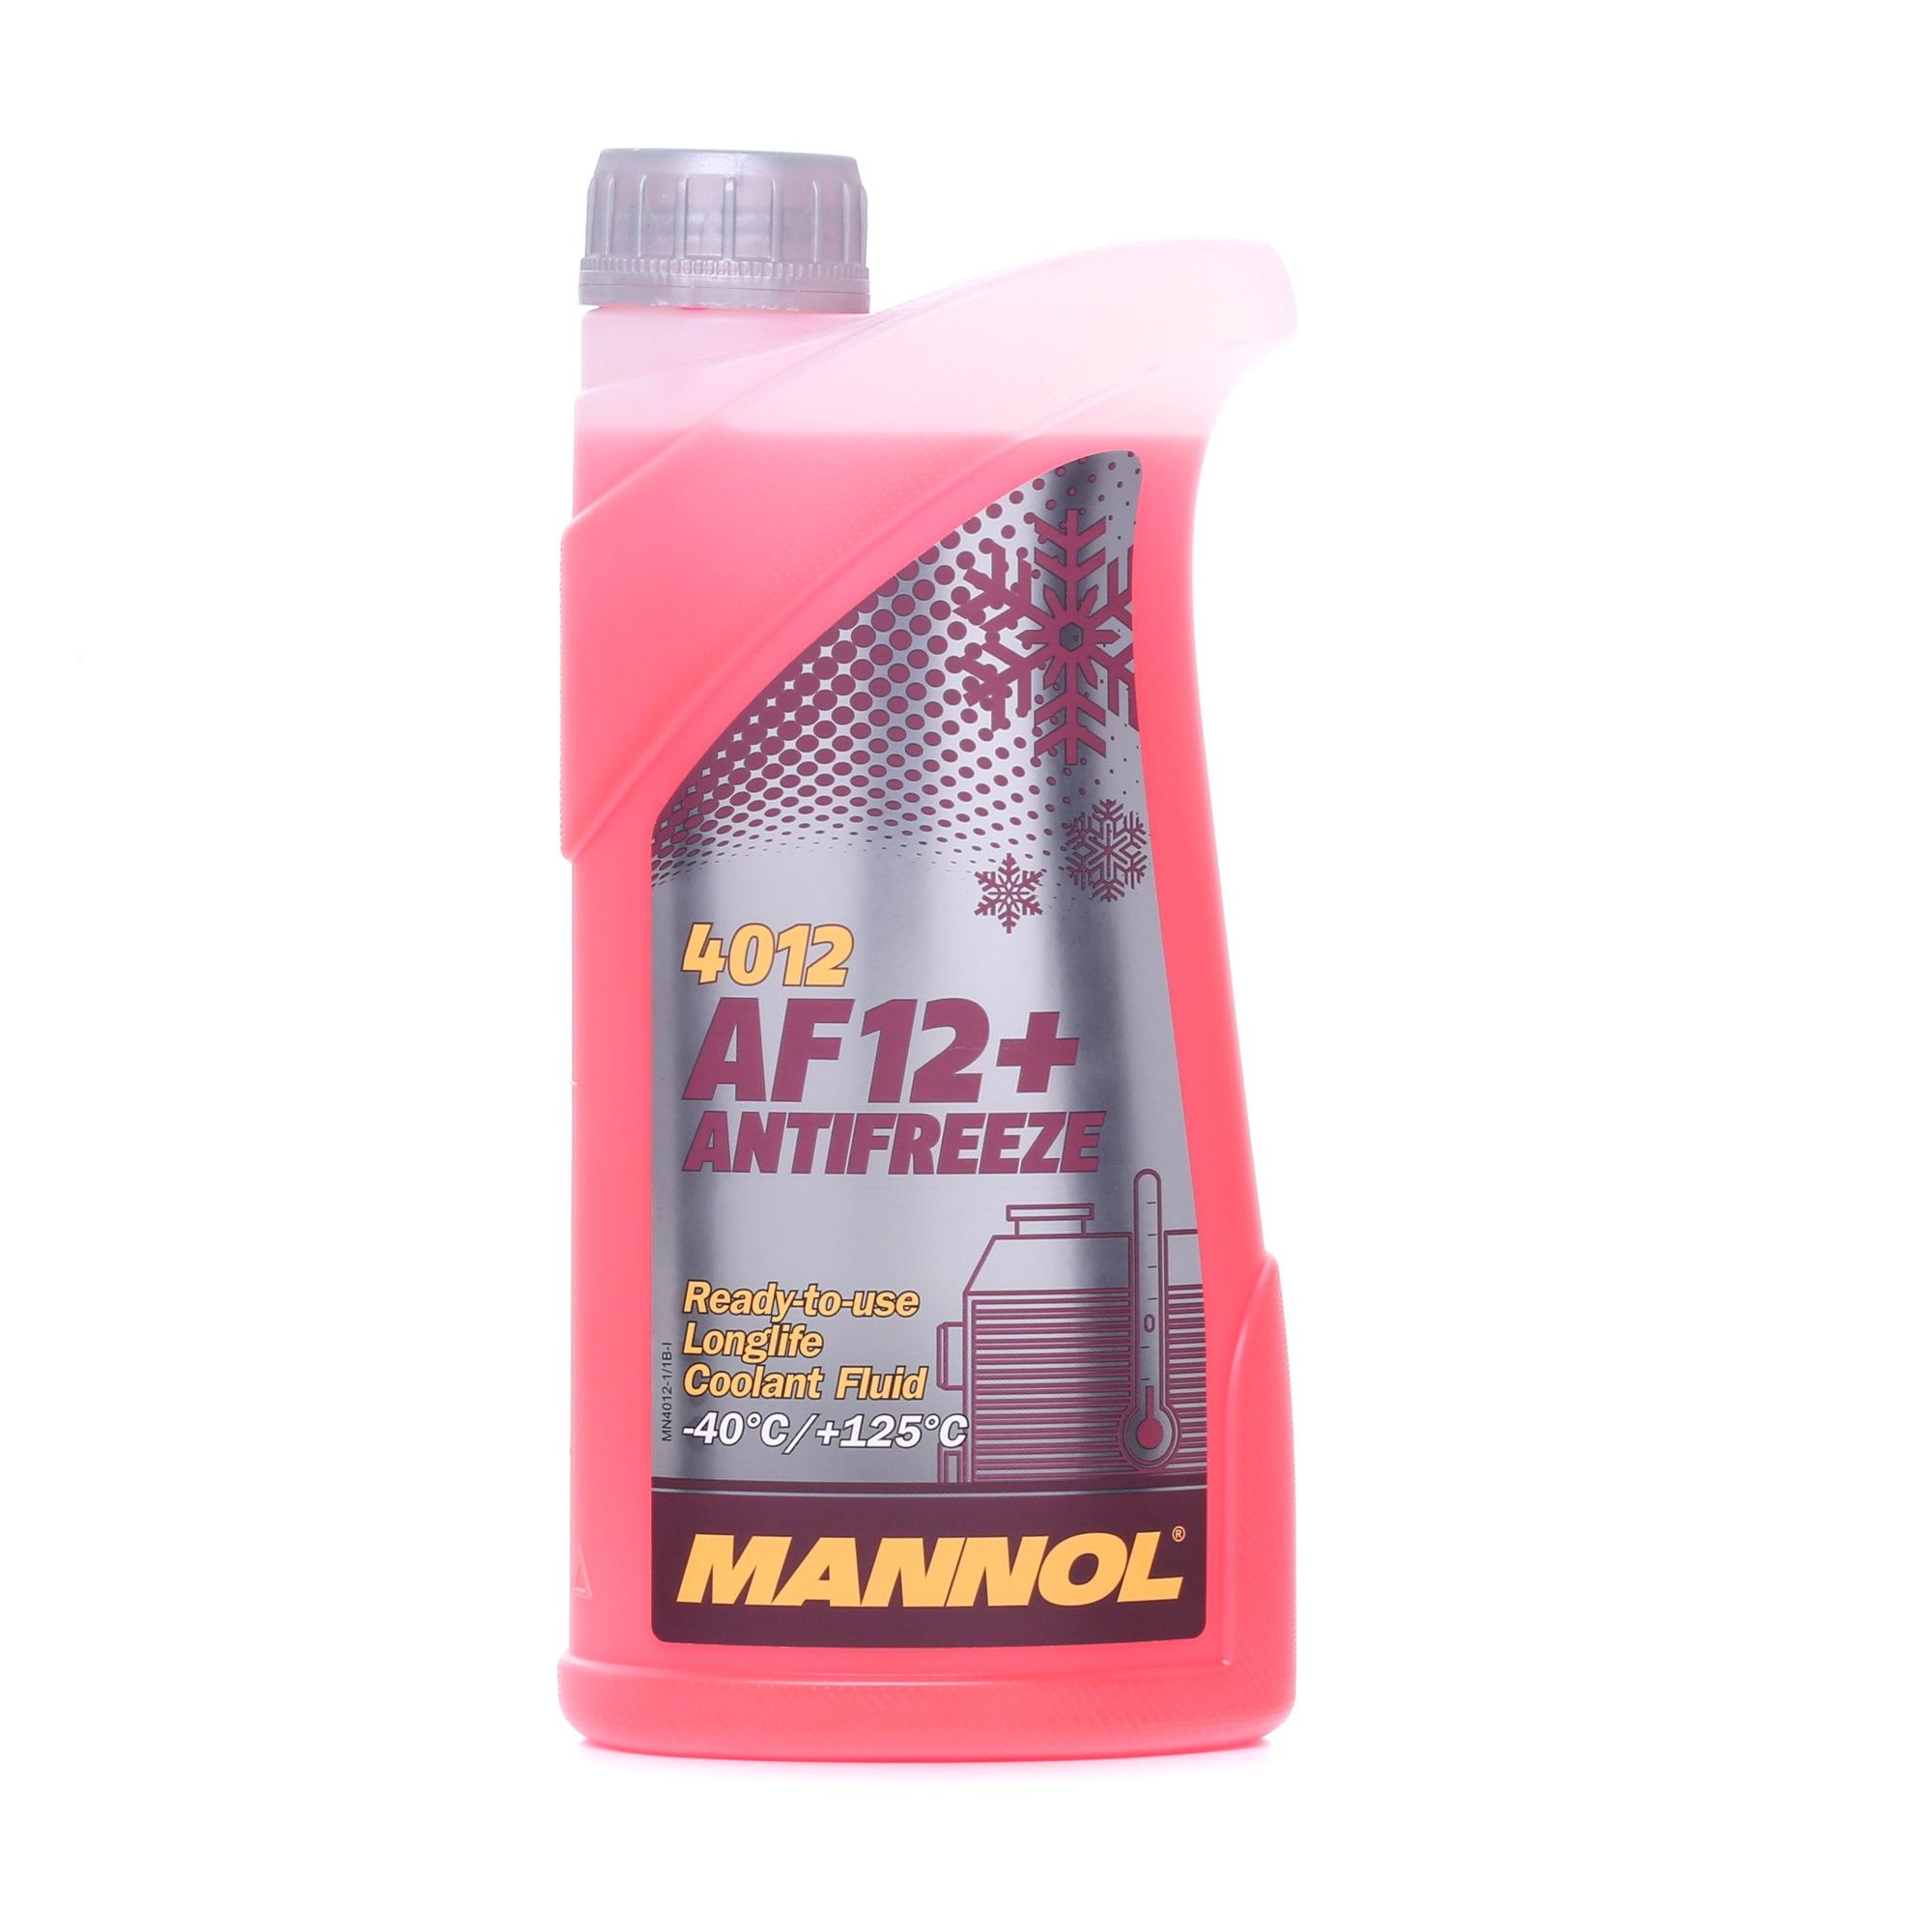 MANNOL: Original Kühlerfrostschutz MN4012-1 (G12+, Temperaturbereich von: -40°C)